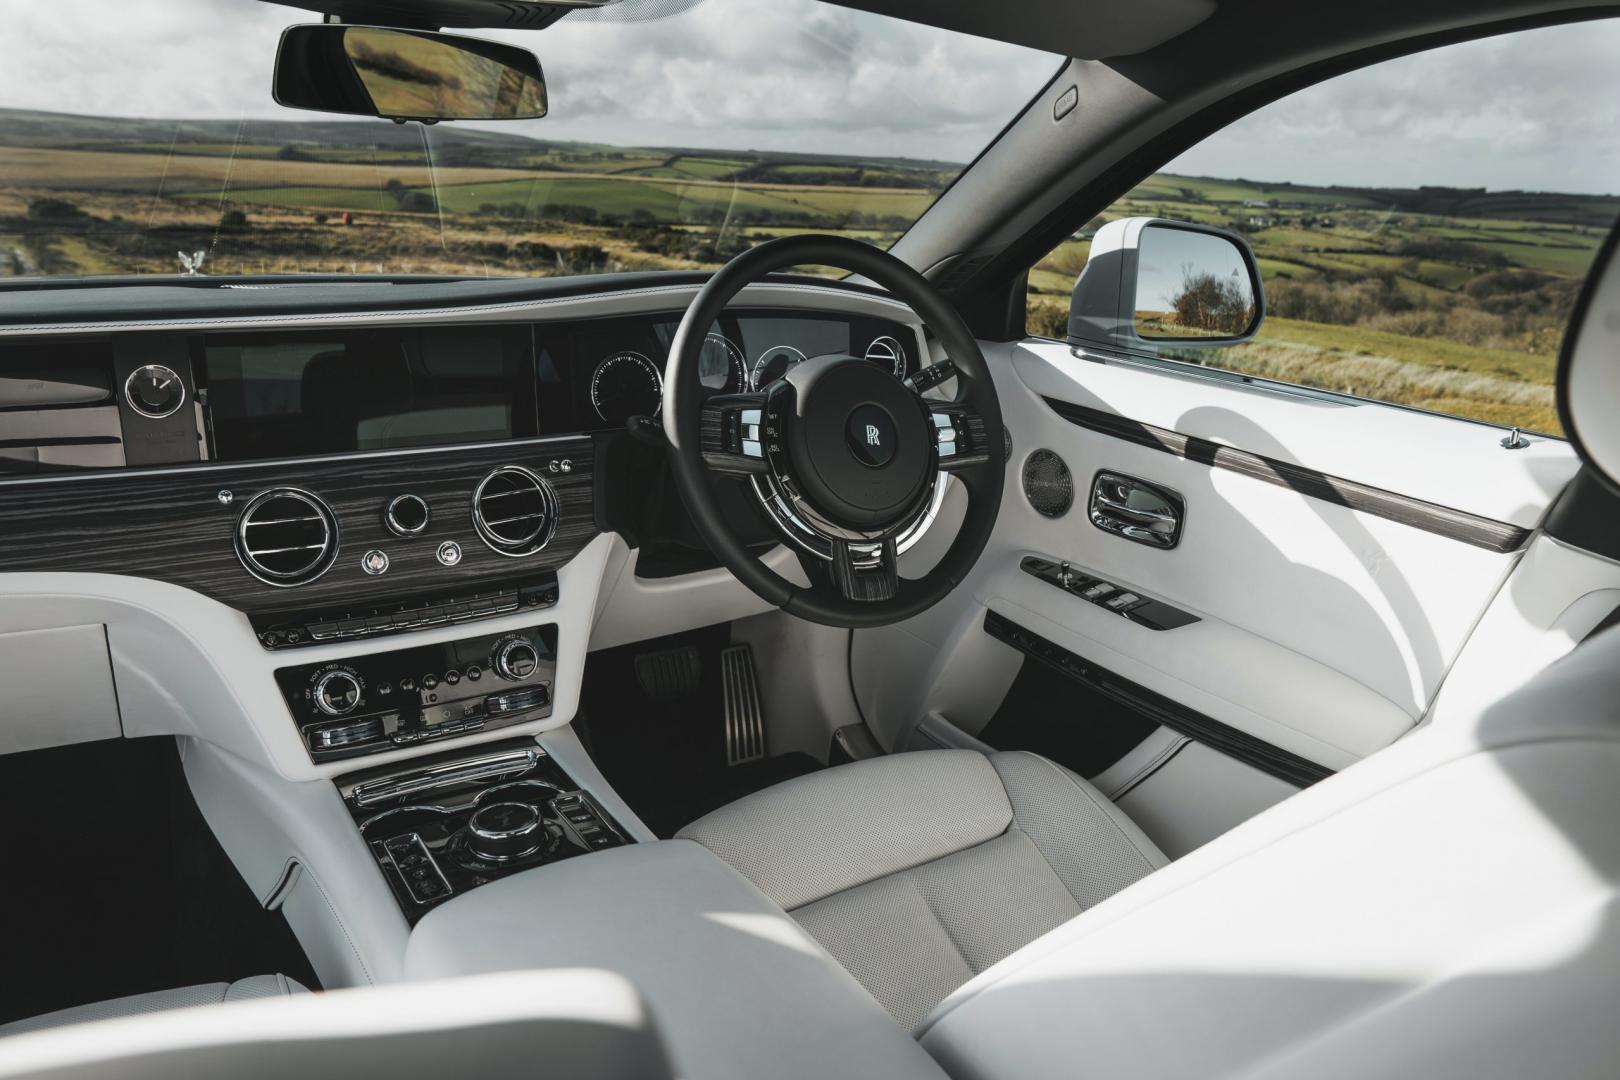 Stuur, stoelen en dashboard van de Rolls-Royce Ghost